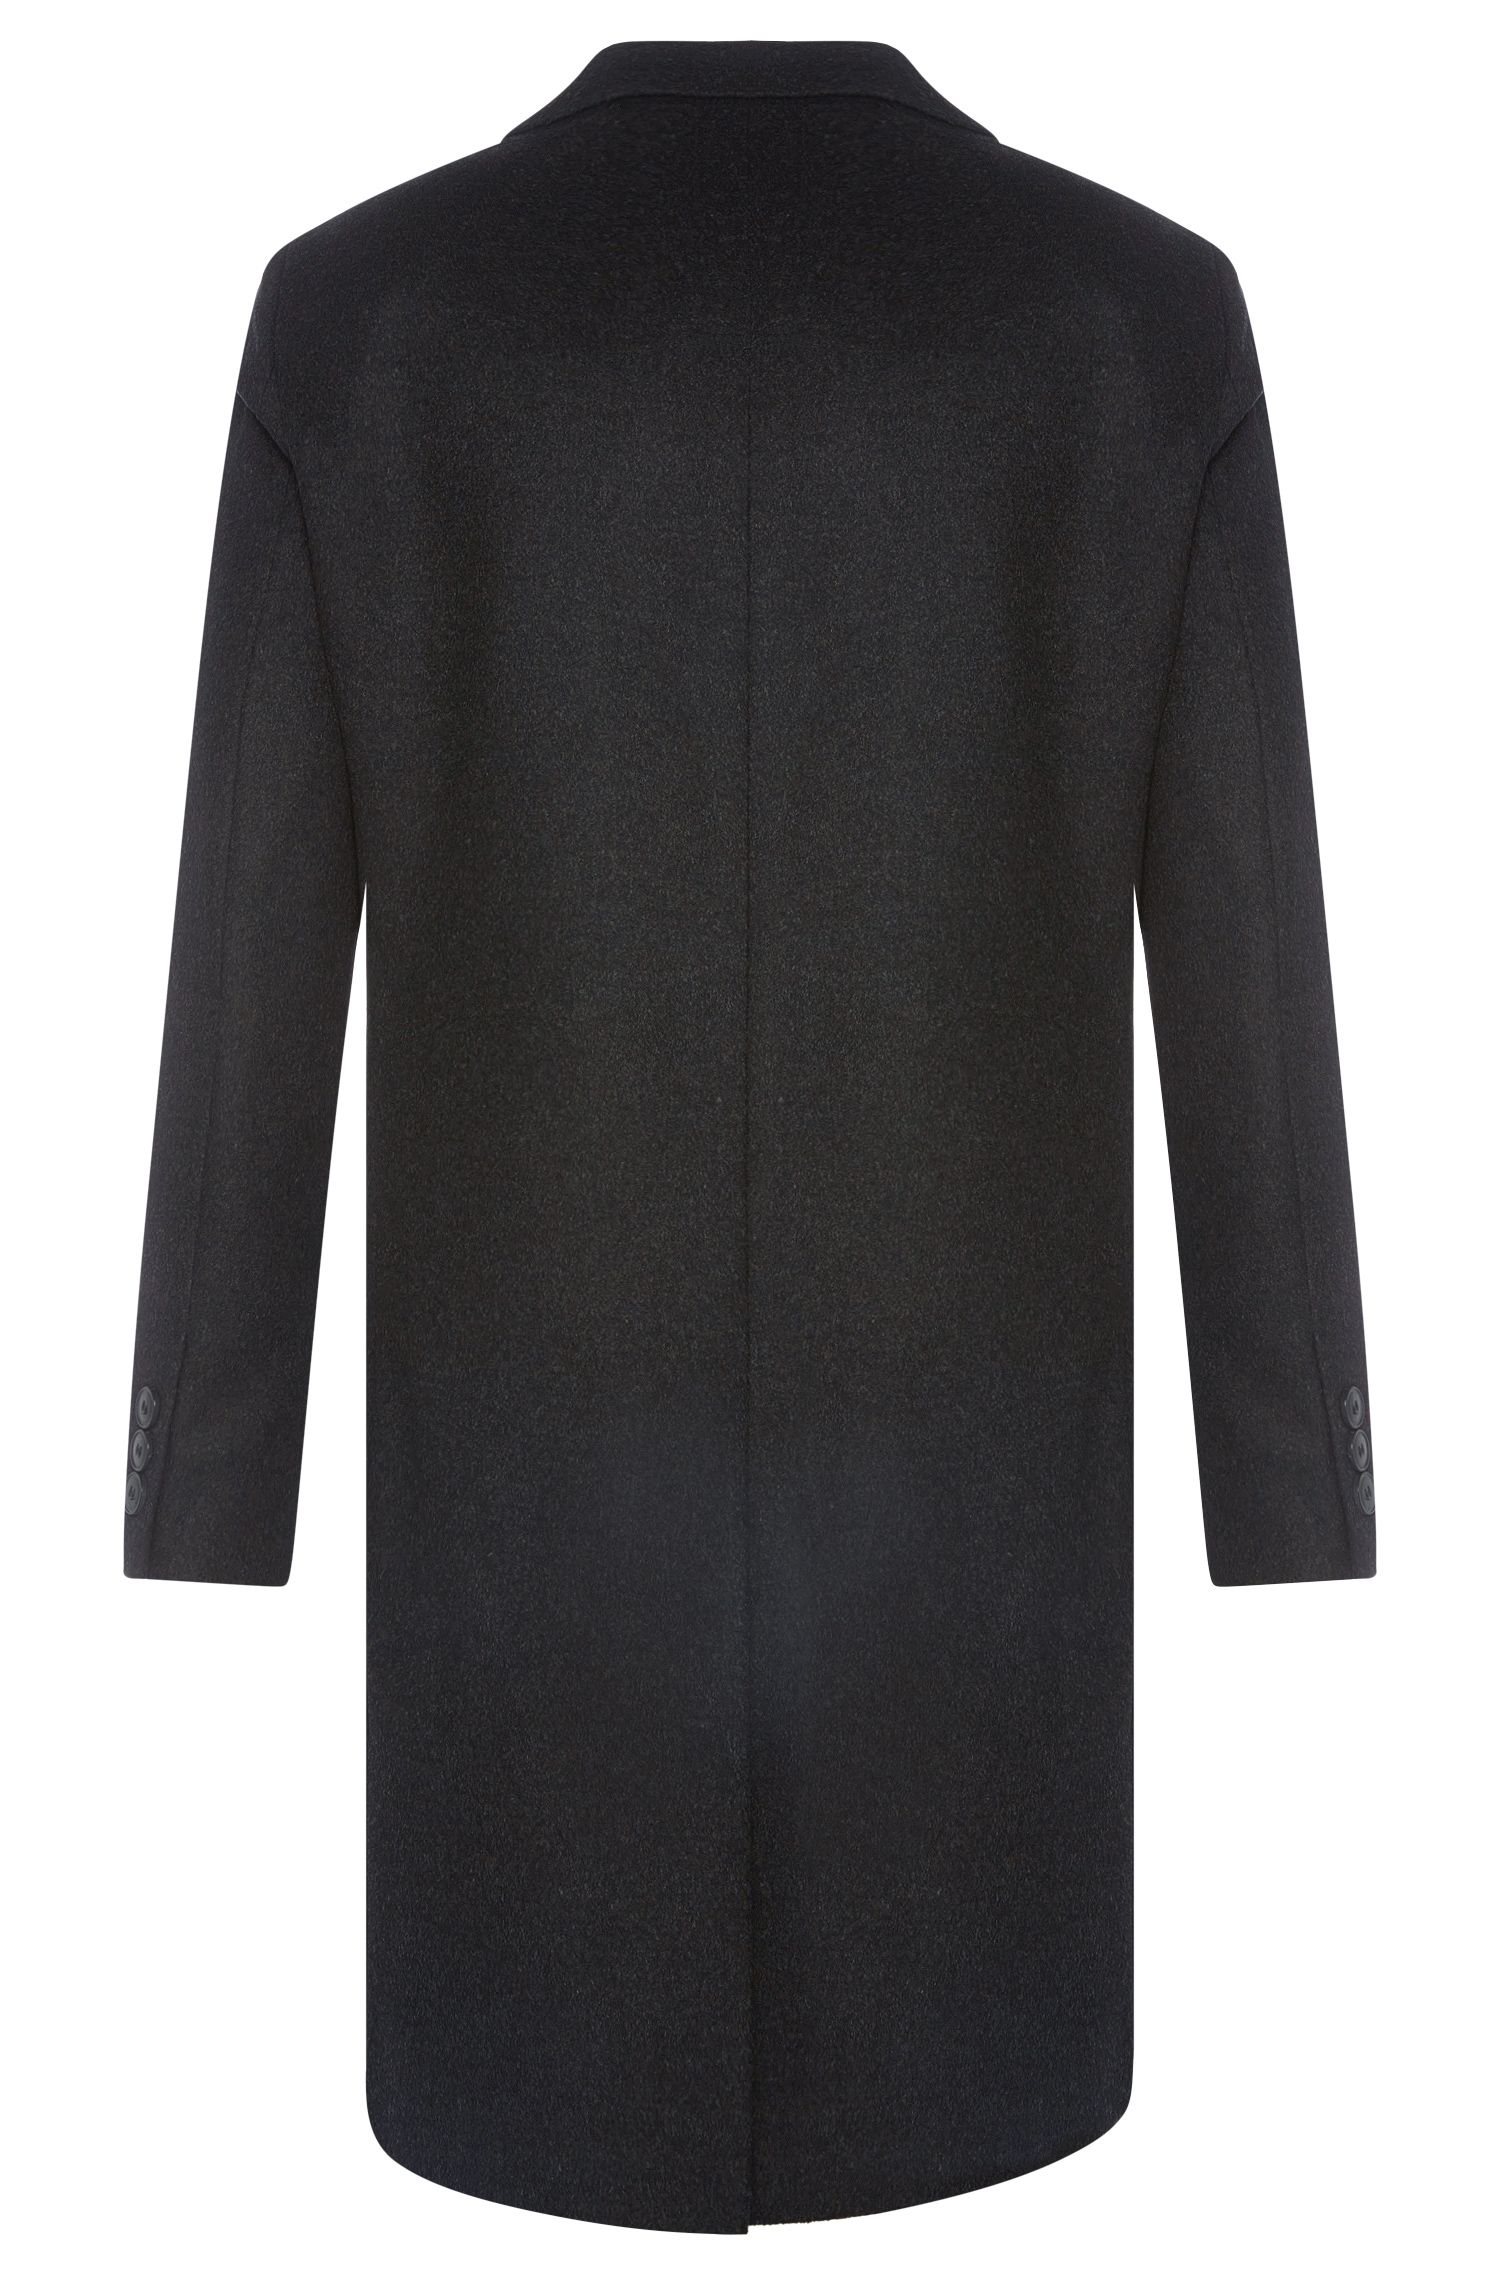 Manteau Regular Fit en laine vierge mélangée finement structurée, avec du cachemire: «C-Stratus»